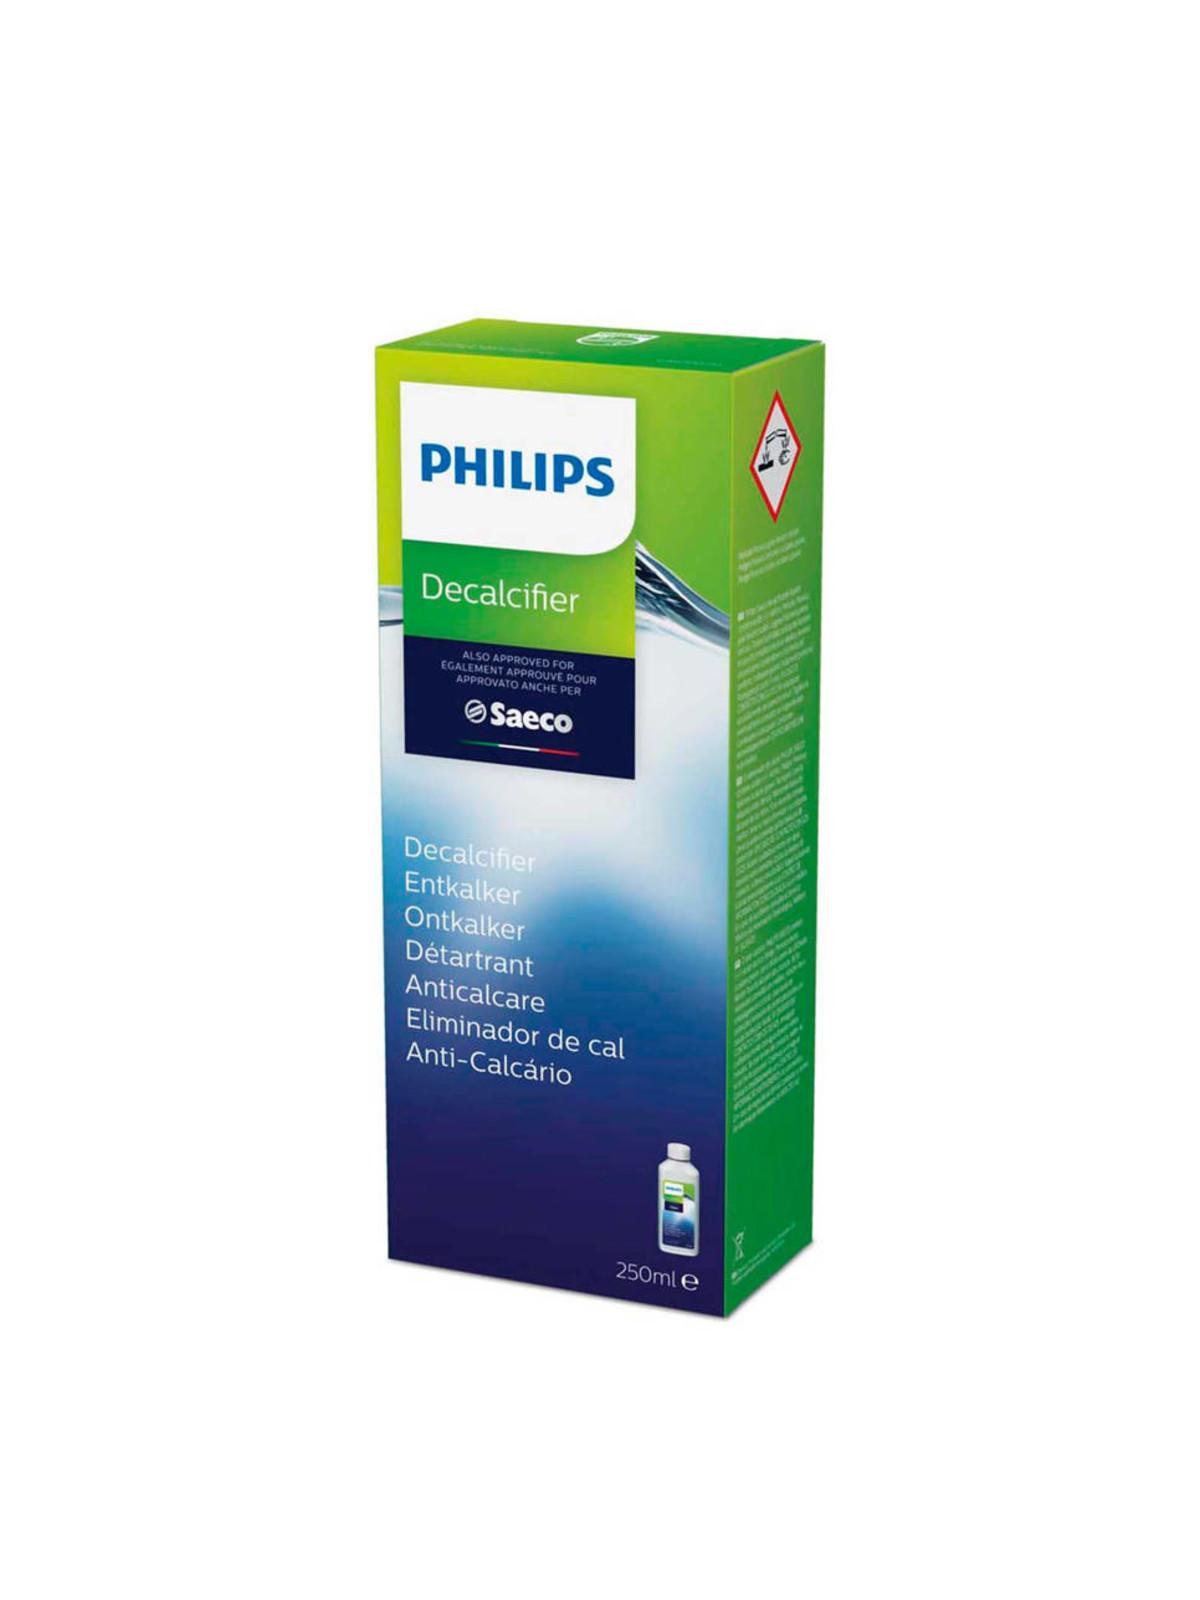 PHILIPS SAECO Vloeibare Ontkalker - 250ml